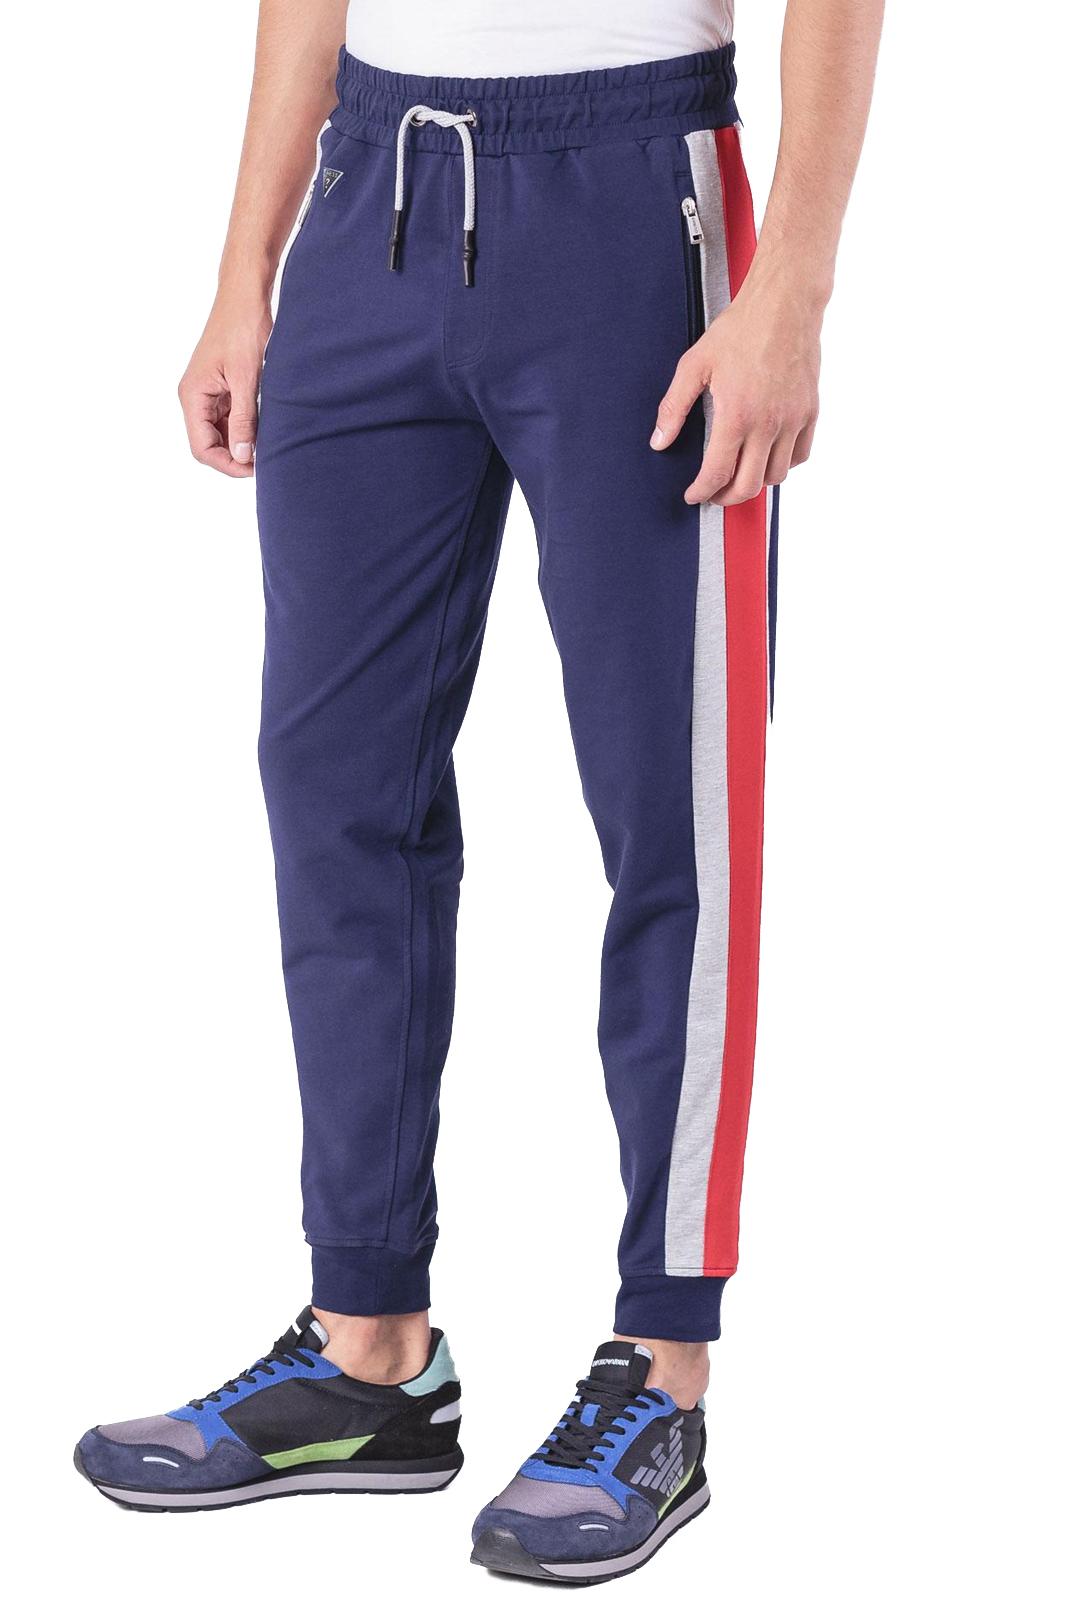 Pantalons sport/streetwear  Guess jeans U84Q01 K6XF0 A752 EVENING BLUE